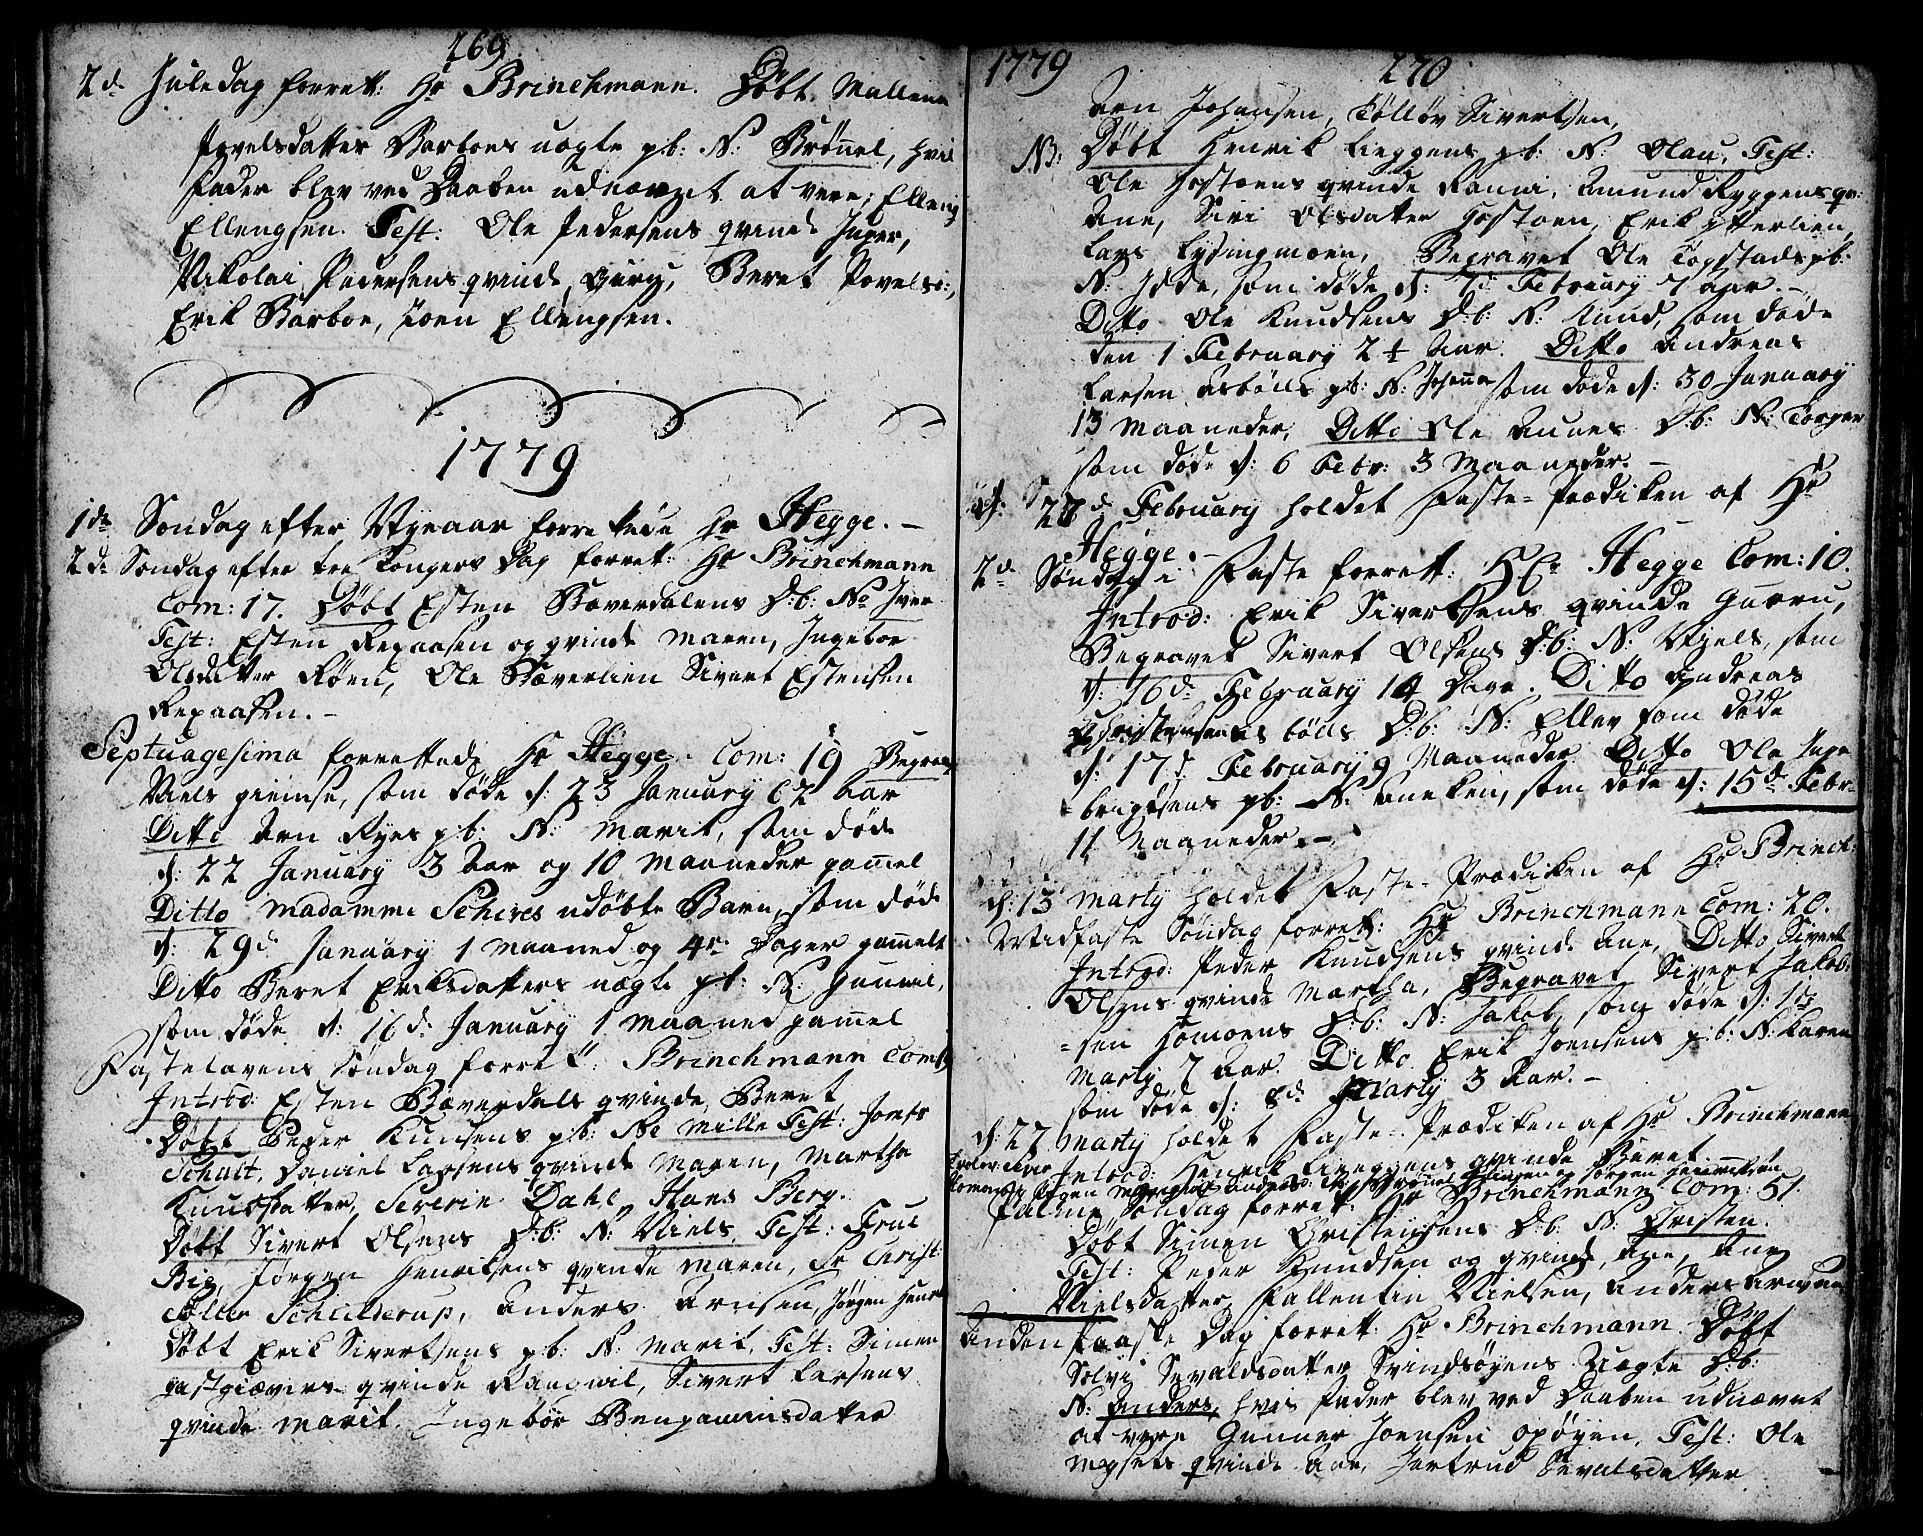 SAT, Ministerialprotokoller, klokkerbøker og fødselsregistre - Sør-Trøndelag, 671/L0840: Ministerialbok nr. 671A02, 1756-1794, s. 269-270